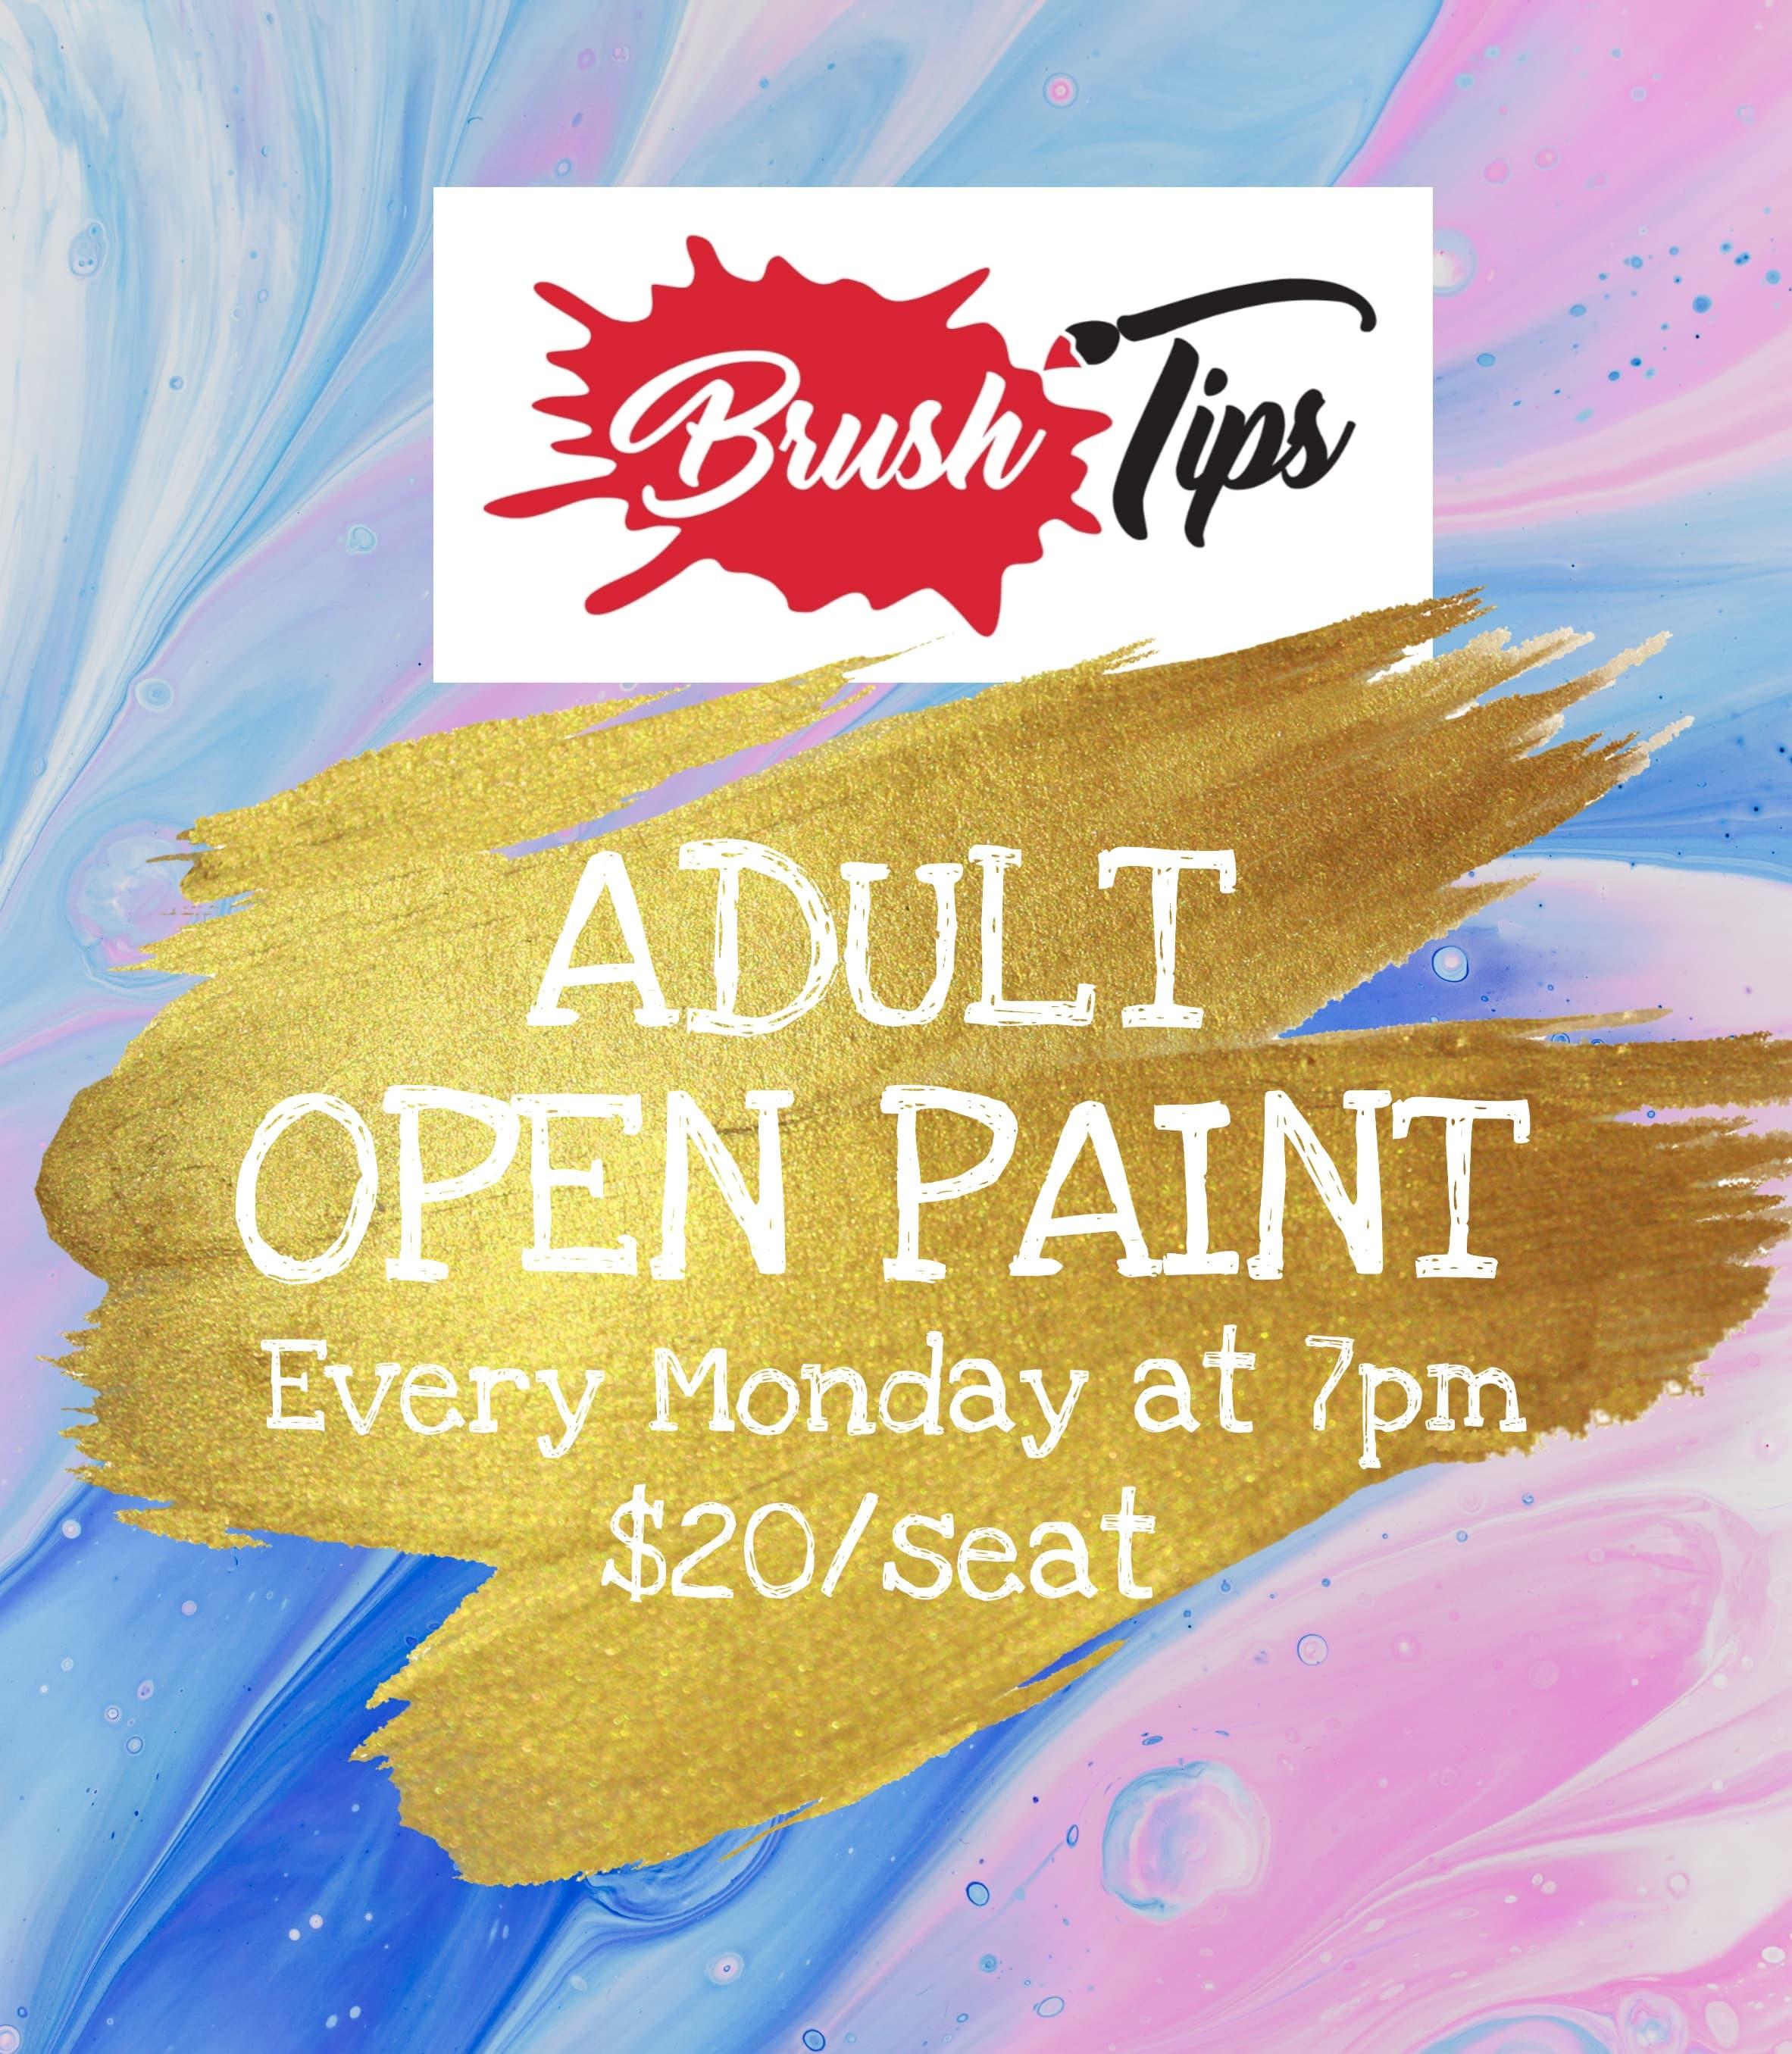 Adult's Open Paint